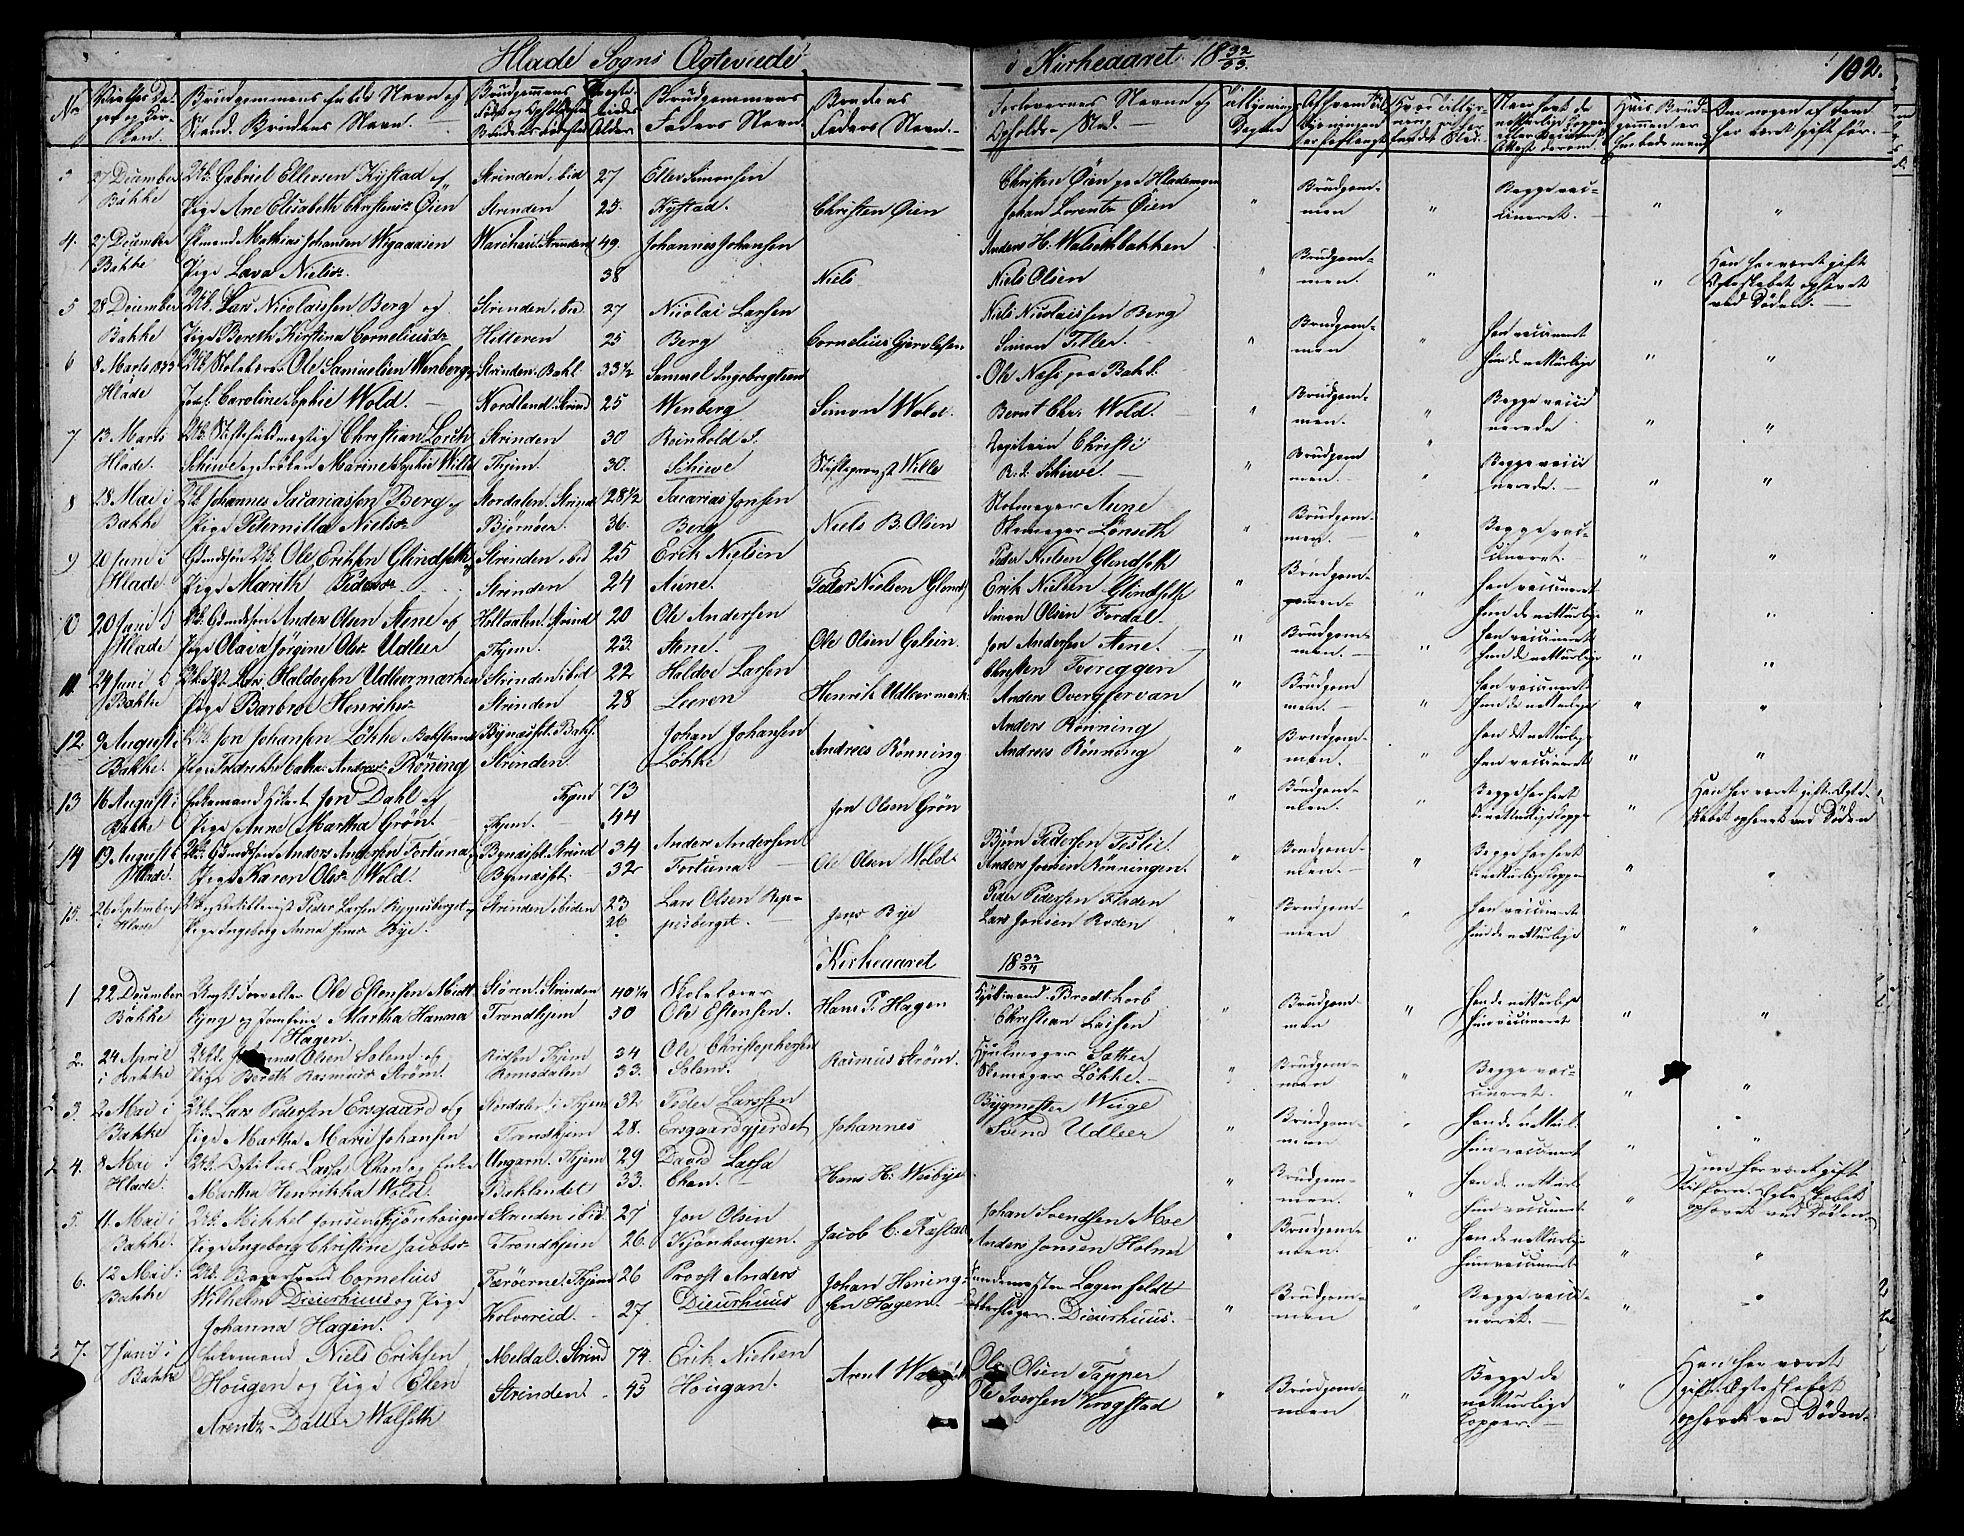 SAT, Ministerialprotokoller, klokkerbøker og fødselsregistre - Sør-Trøndelag, 606/L0308: Klokkerbok nr. 606C04, 1829-1840, s. 102